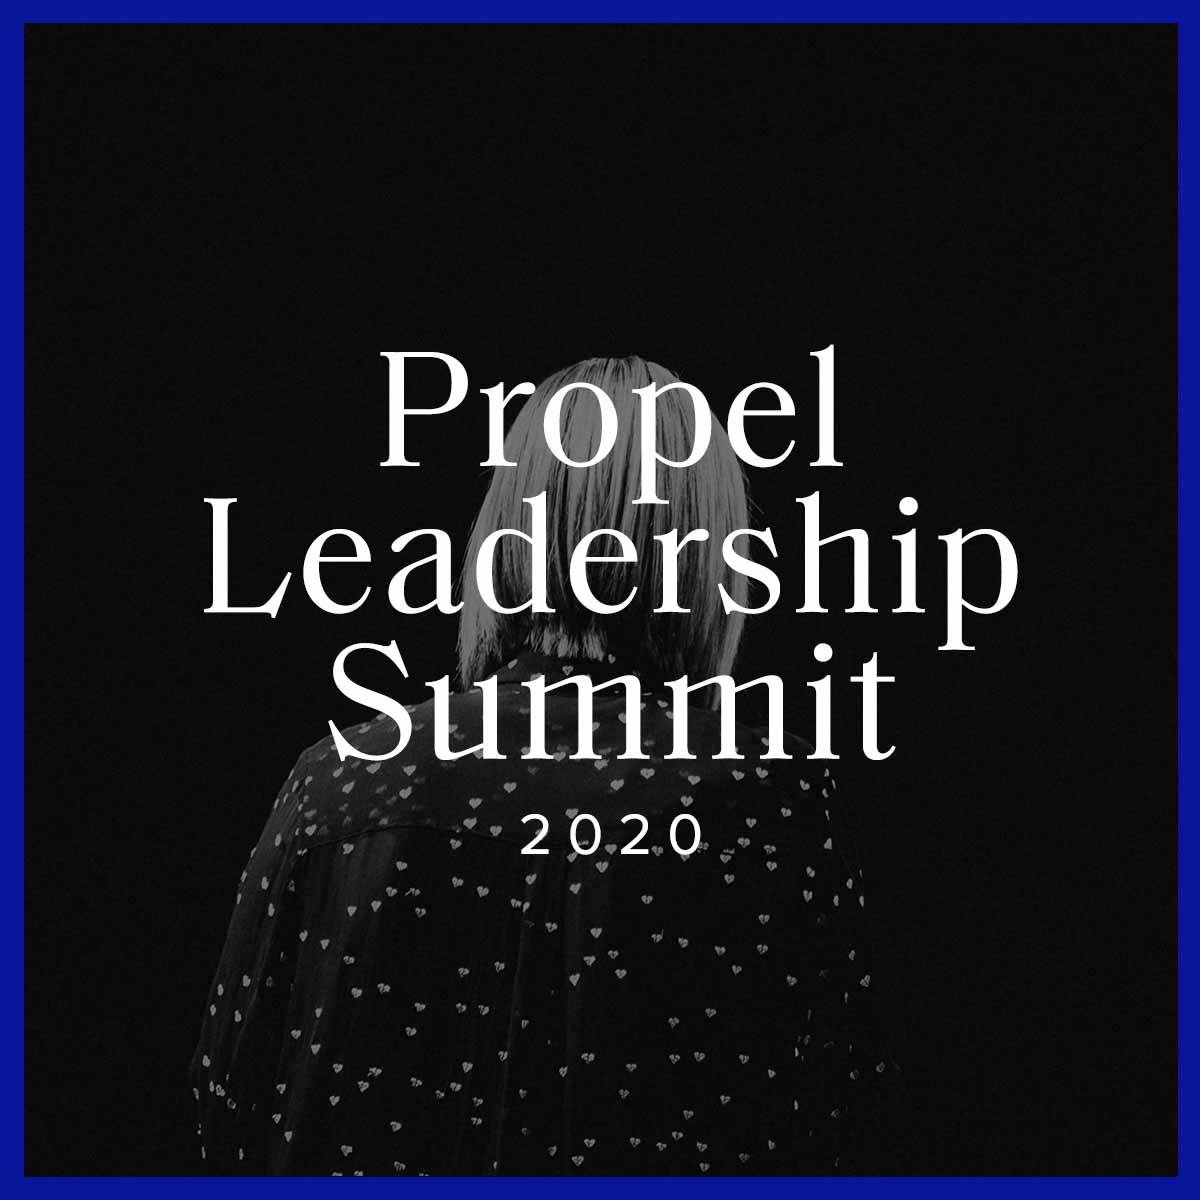 LEAD 2020: Propel Leadership Summit